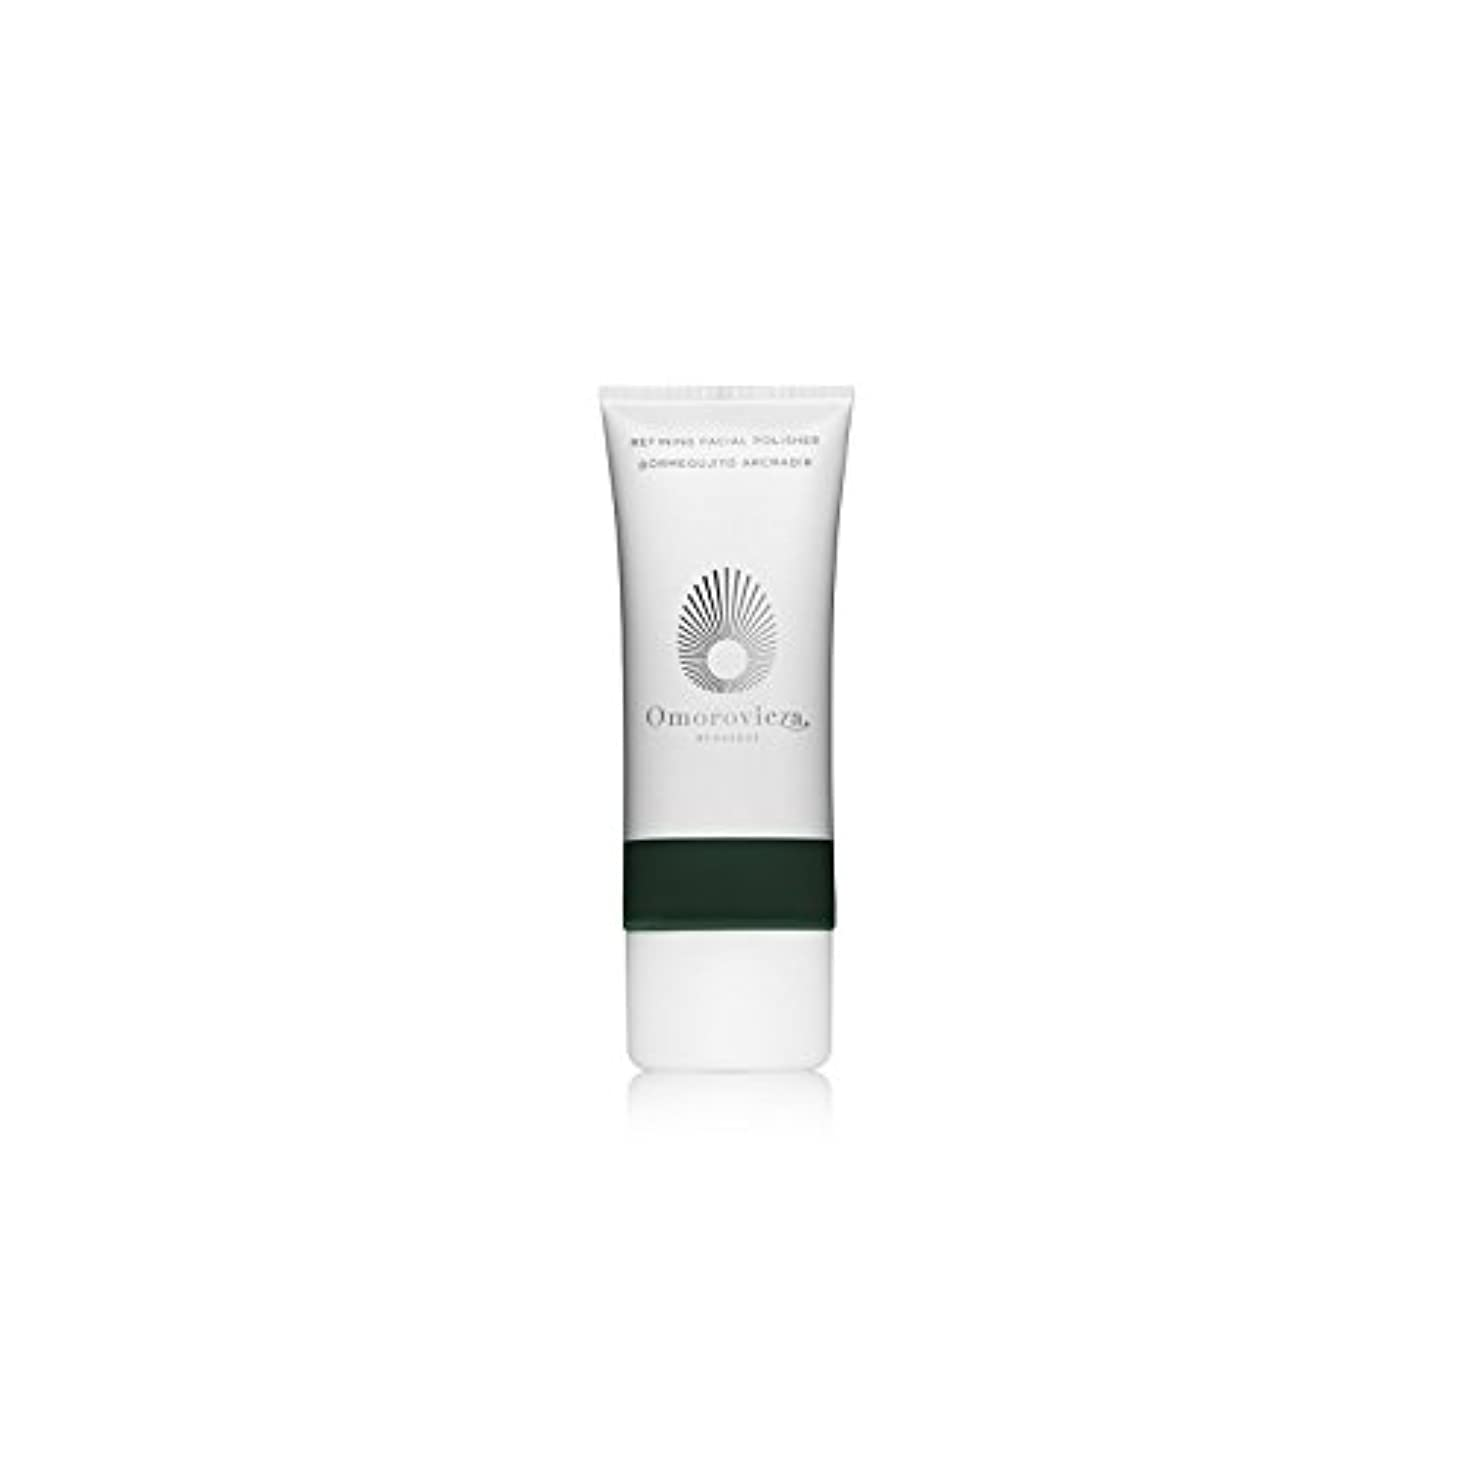 ゼリータクトいらいらさせる精錬顔のポリッシャー(100ミリリットル) x2 - Omorovicza Refining Facial Polisher (100ml) (Pack of 2) [並行輸入品]